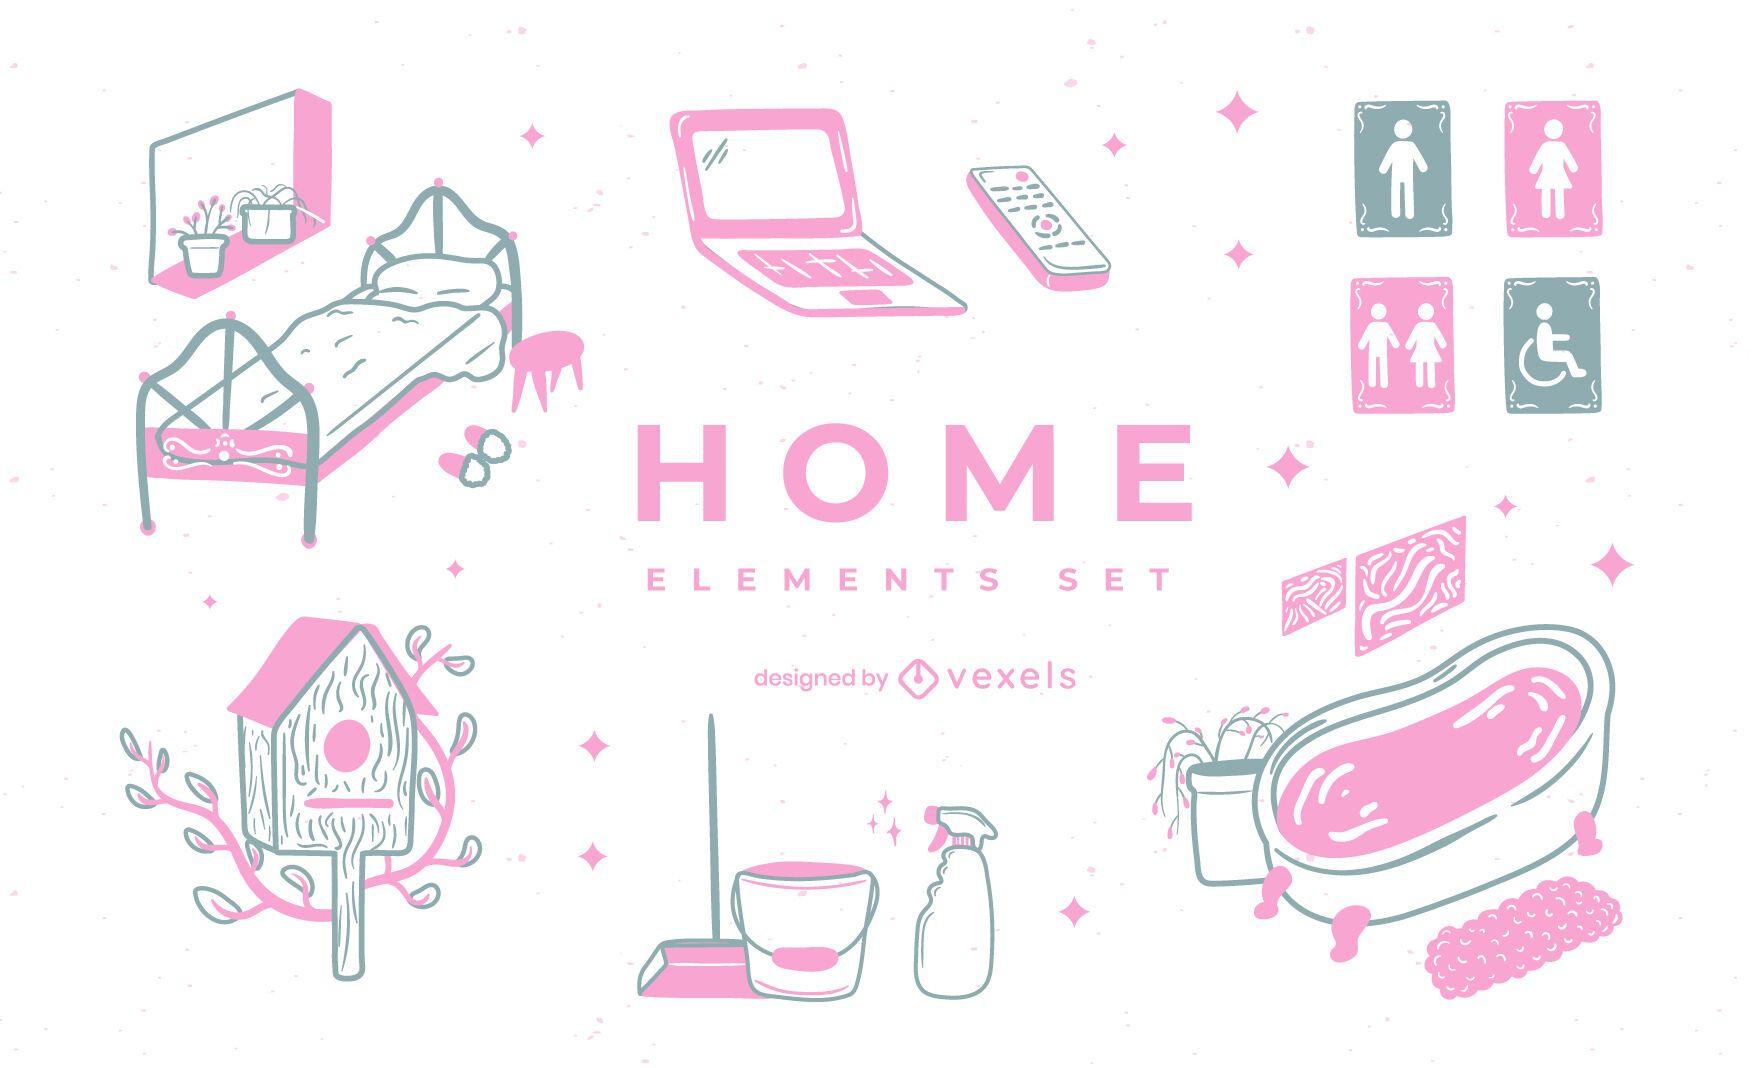 Home element duotone doodle set